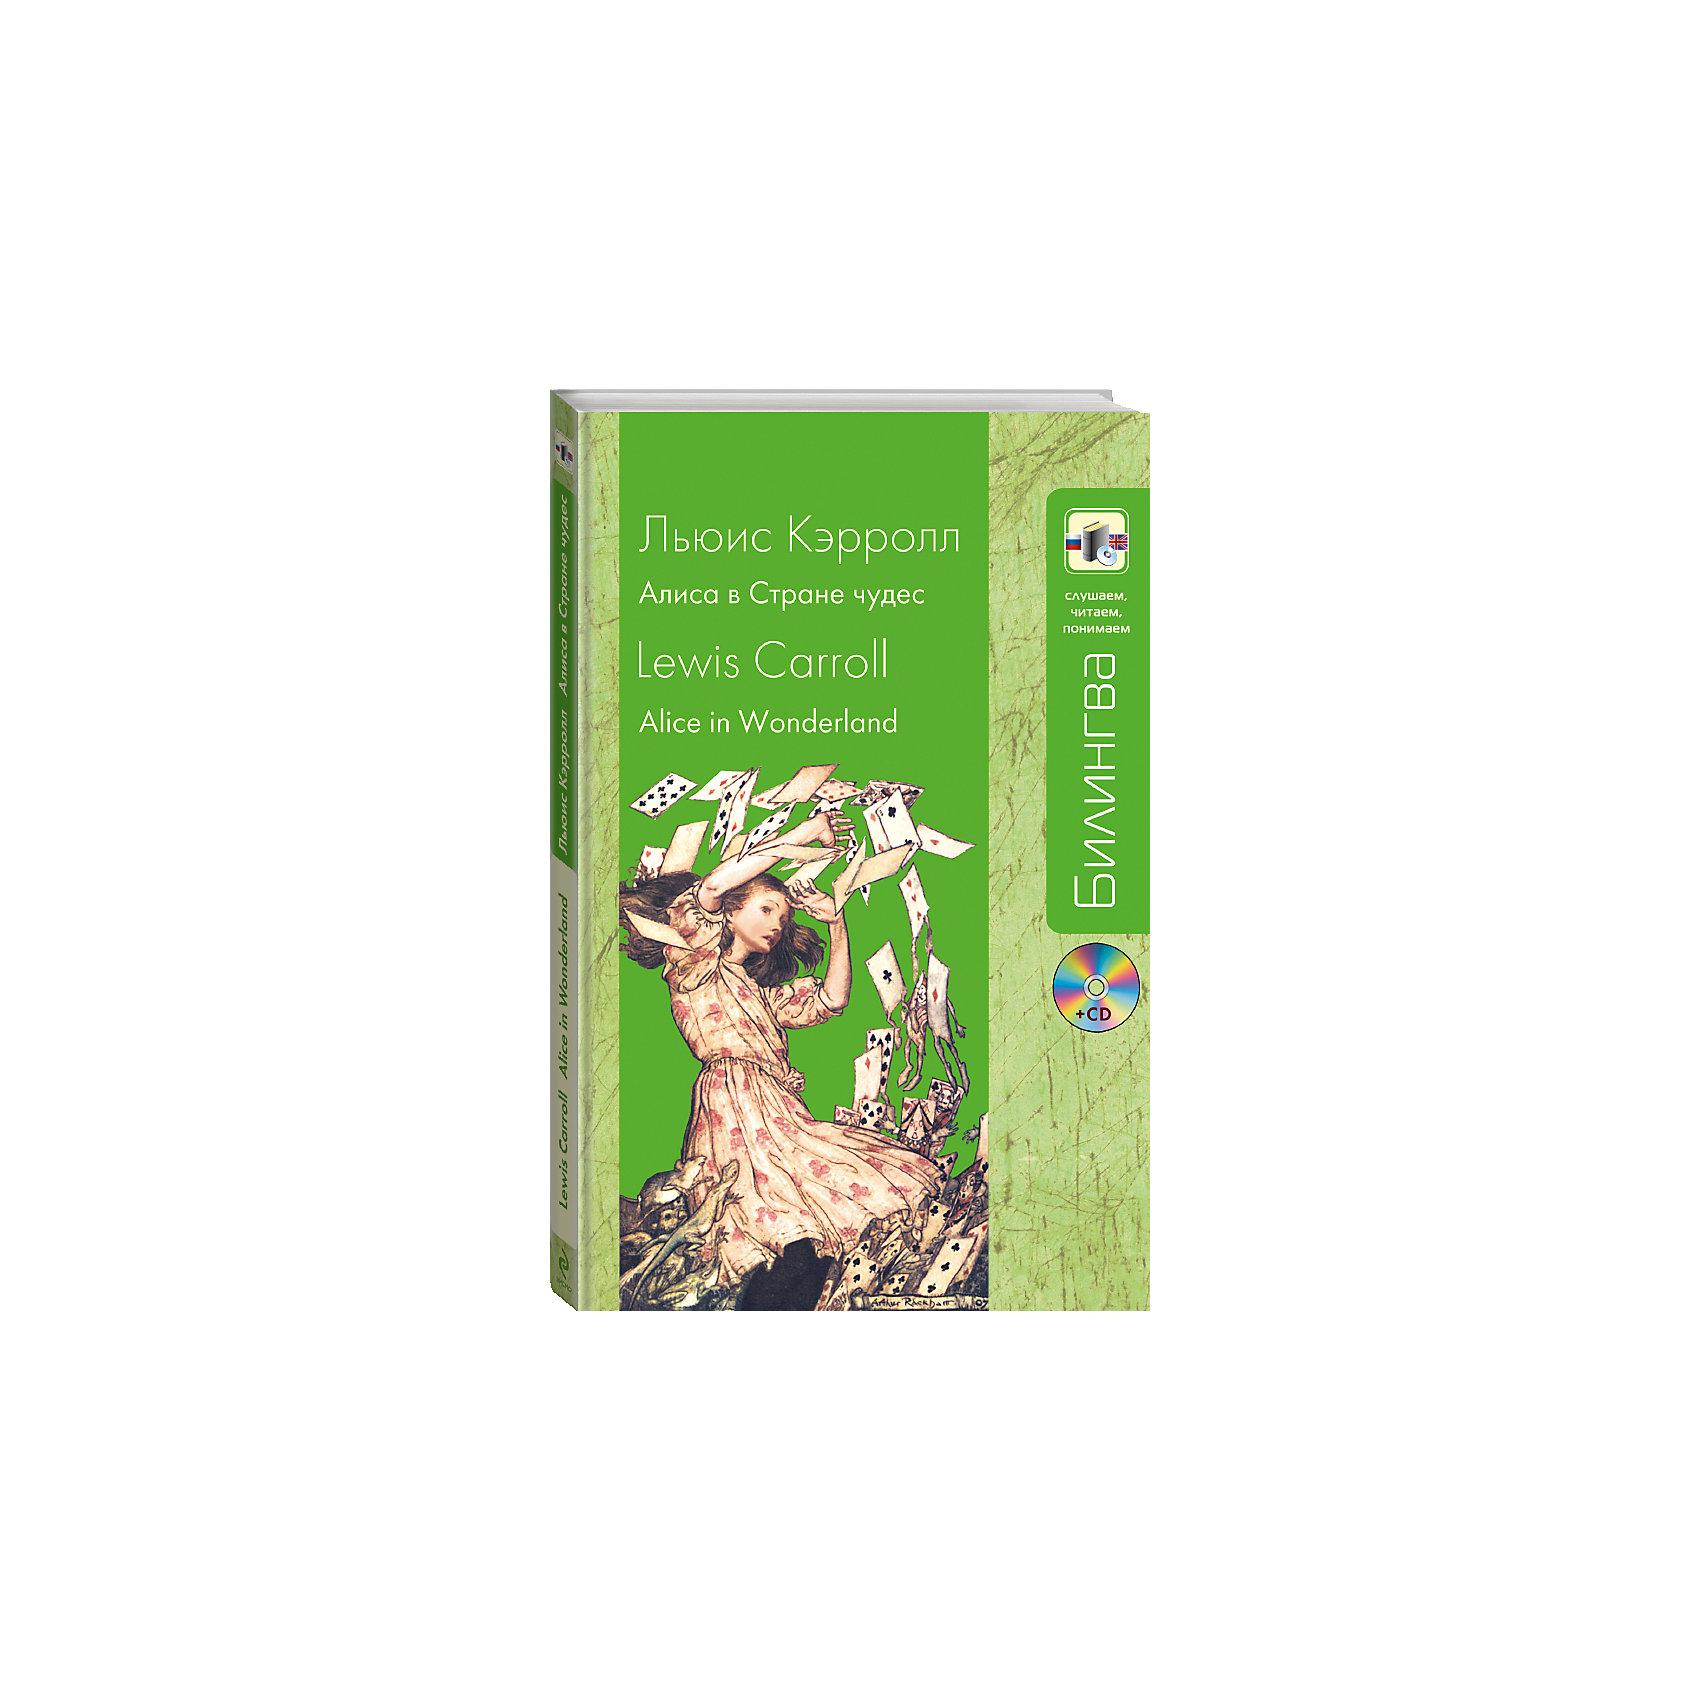 Алиса в Стране чудес + CDЭксмо<br>Предлагаемый комплект из книги и аудиодиска поможет вам усовершенствовать знание английского языка. Вы сможете познакомиться с приключениями всеми любимой героини знаменитой сказки Льюиса Кэрролла на языке оригинала и улучшить навыки чтения, сравнивая английский текст с русским переводом. Для облегчения понимания текста и совершенствования знаний английского предлагаются упражнения и словарь.<br>      Аудиодиск с записью оригинального текста, словарь, упражнения помогут развить навыки восприятия на слух английской речи. Также вы сможете прослушать сказку и на русском языке в классическом переводе и сопоставить английскую и русскую версии.<br>      Книга предназначена старшим школьникам, абитуриентам, студентам, преподавателям, а также всем, кто изучает английский язык самостоятельно.<br><br>Ширина мм: 210<br>Глубина мм: 130<br>Высота мм: 20<br>Вес г: 162<br>Возраст от месяцев: 72<br>Возраст до месяцев: 144<br>Пол: Унисекс<br>Возраст: Детский<br>SKU: 6878021